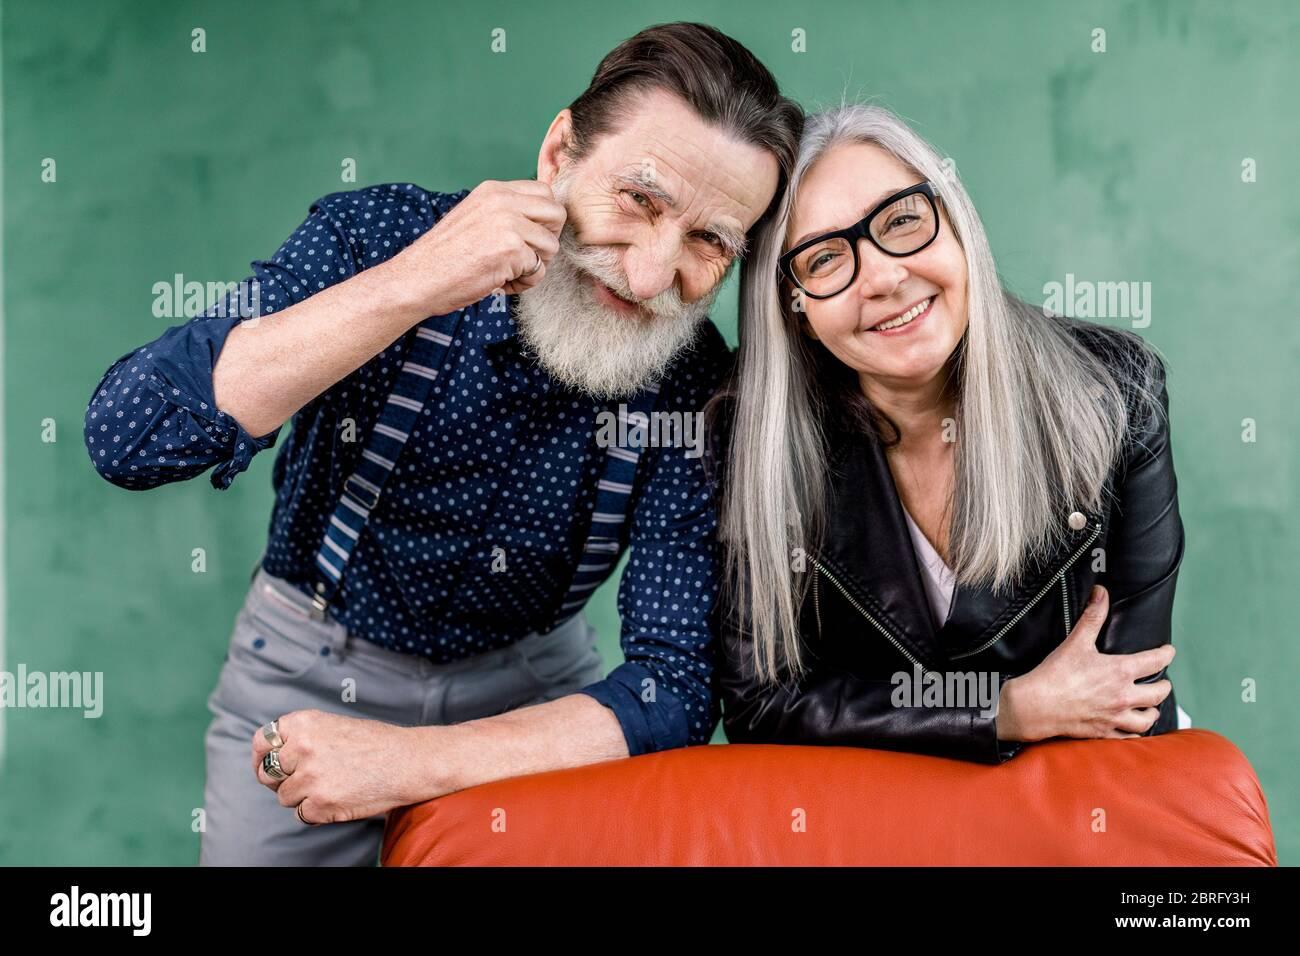 Coppia anziana. Allegra bella coppia anziana sorridente mentre è di grande umore, appoggiata su una sedia rossa morbida e toccando le fronte. Ritratto di romantico Foto Stock